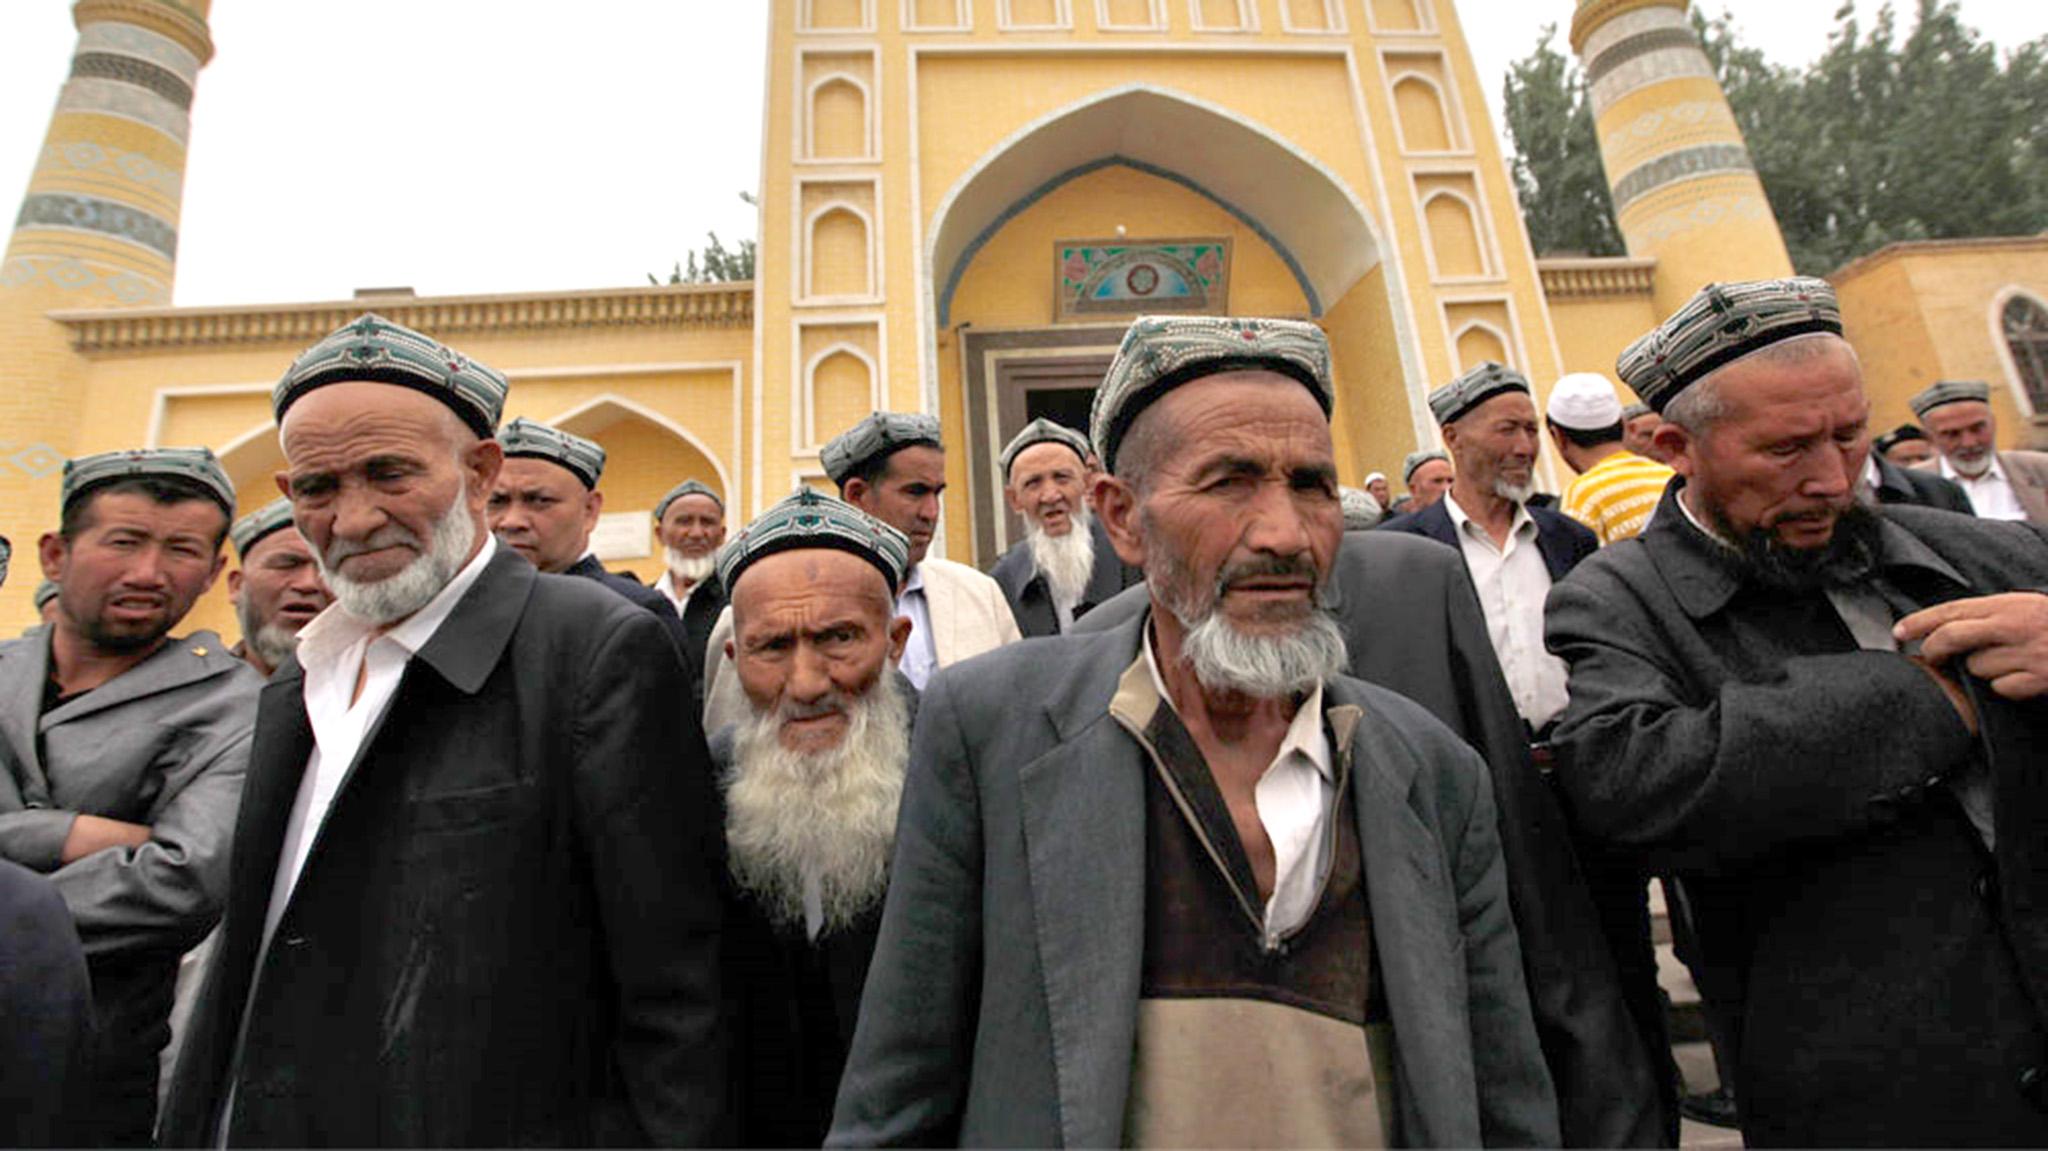 Direitos humanos   PCC defende repressão sobre minoria étnica muçulmana